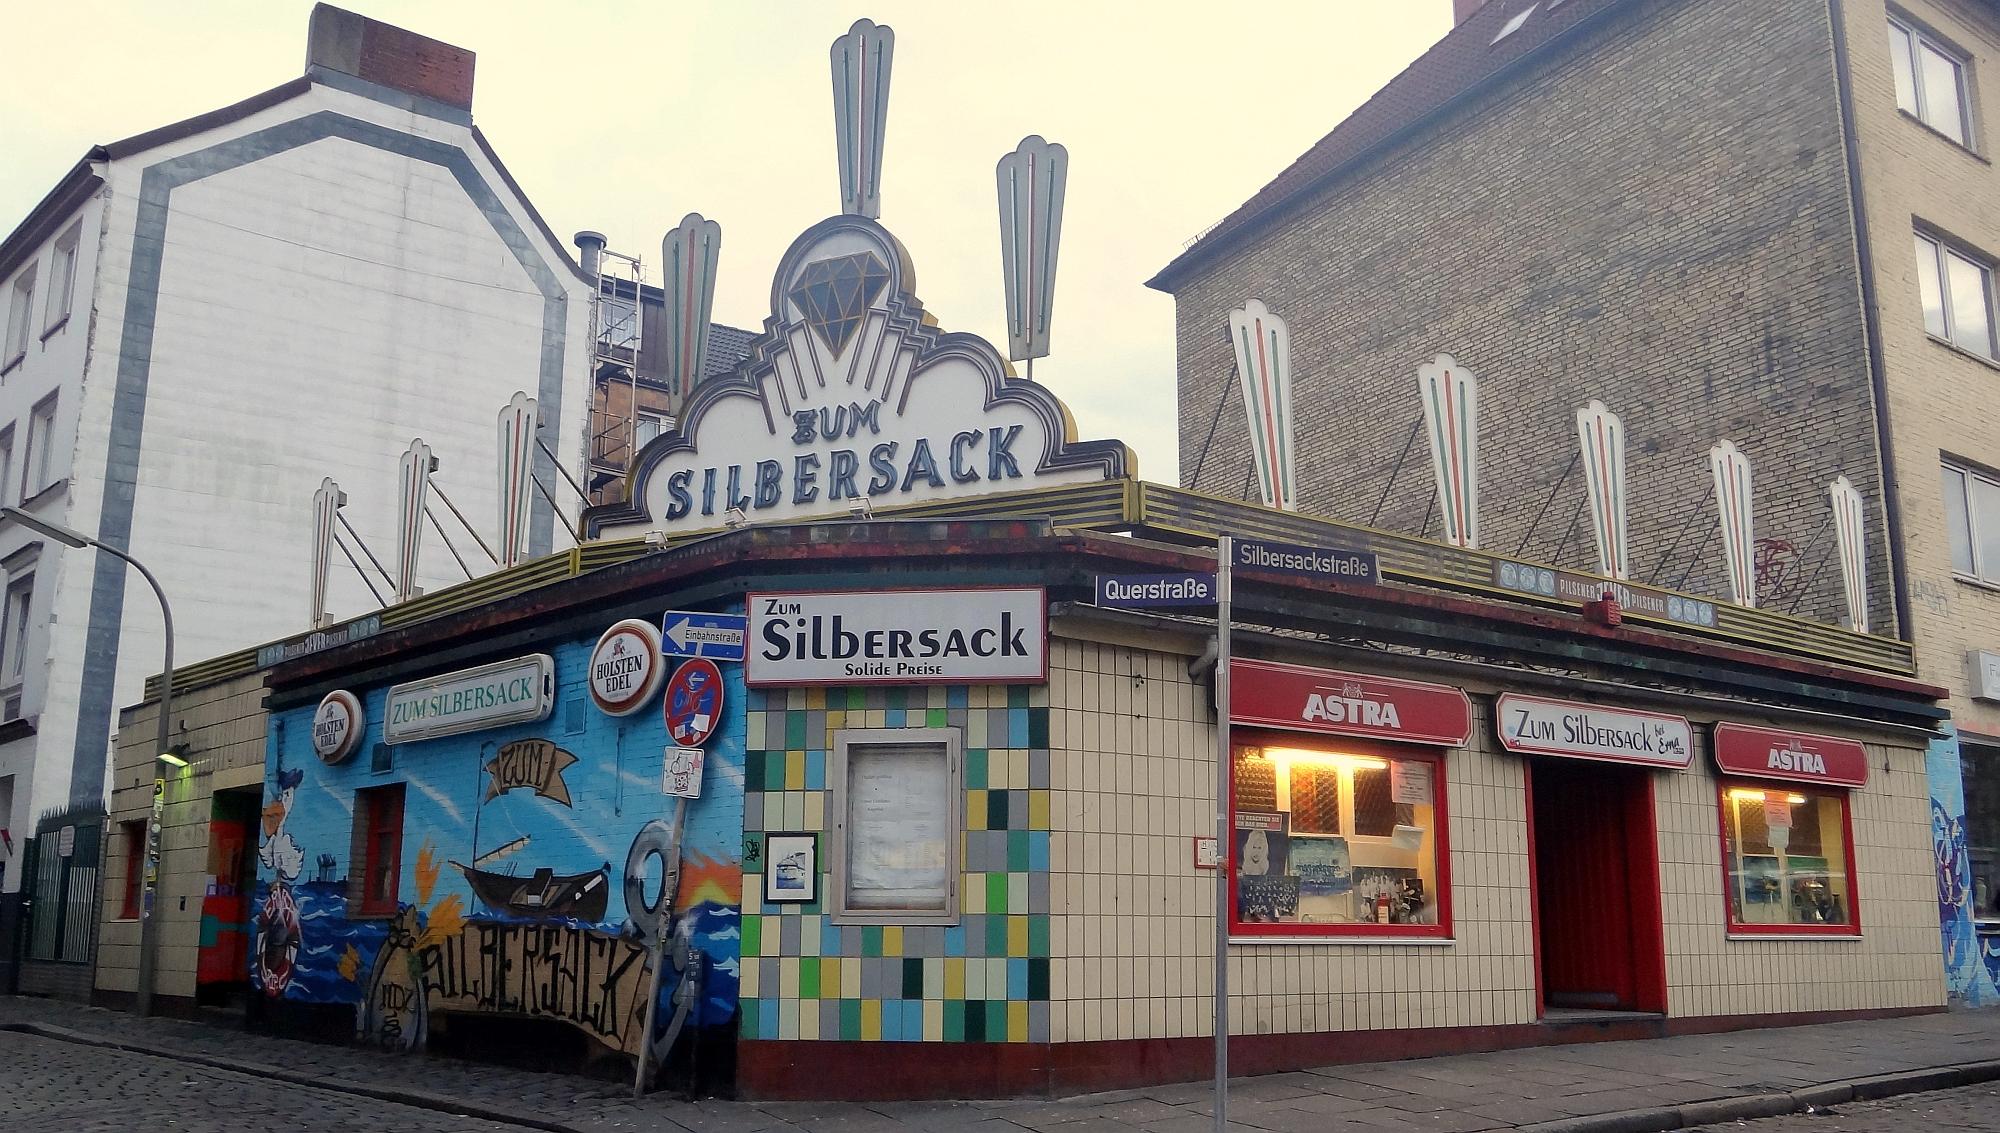 Silbersack2012.jpg